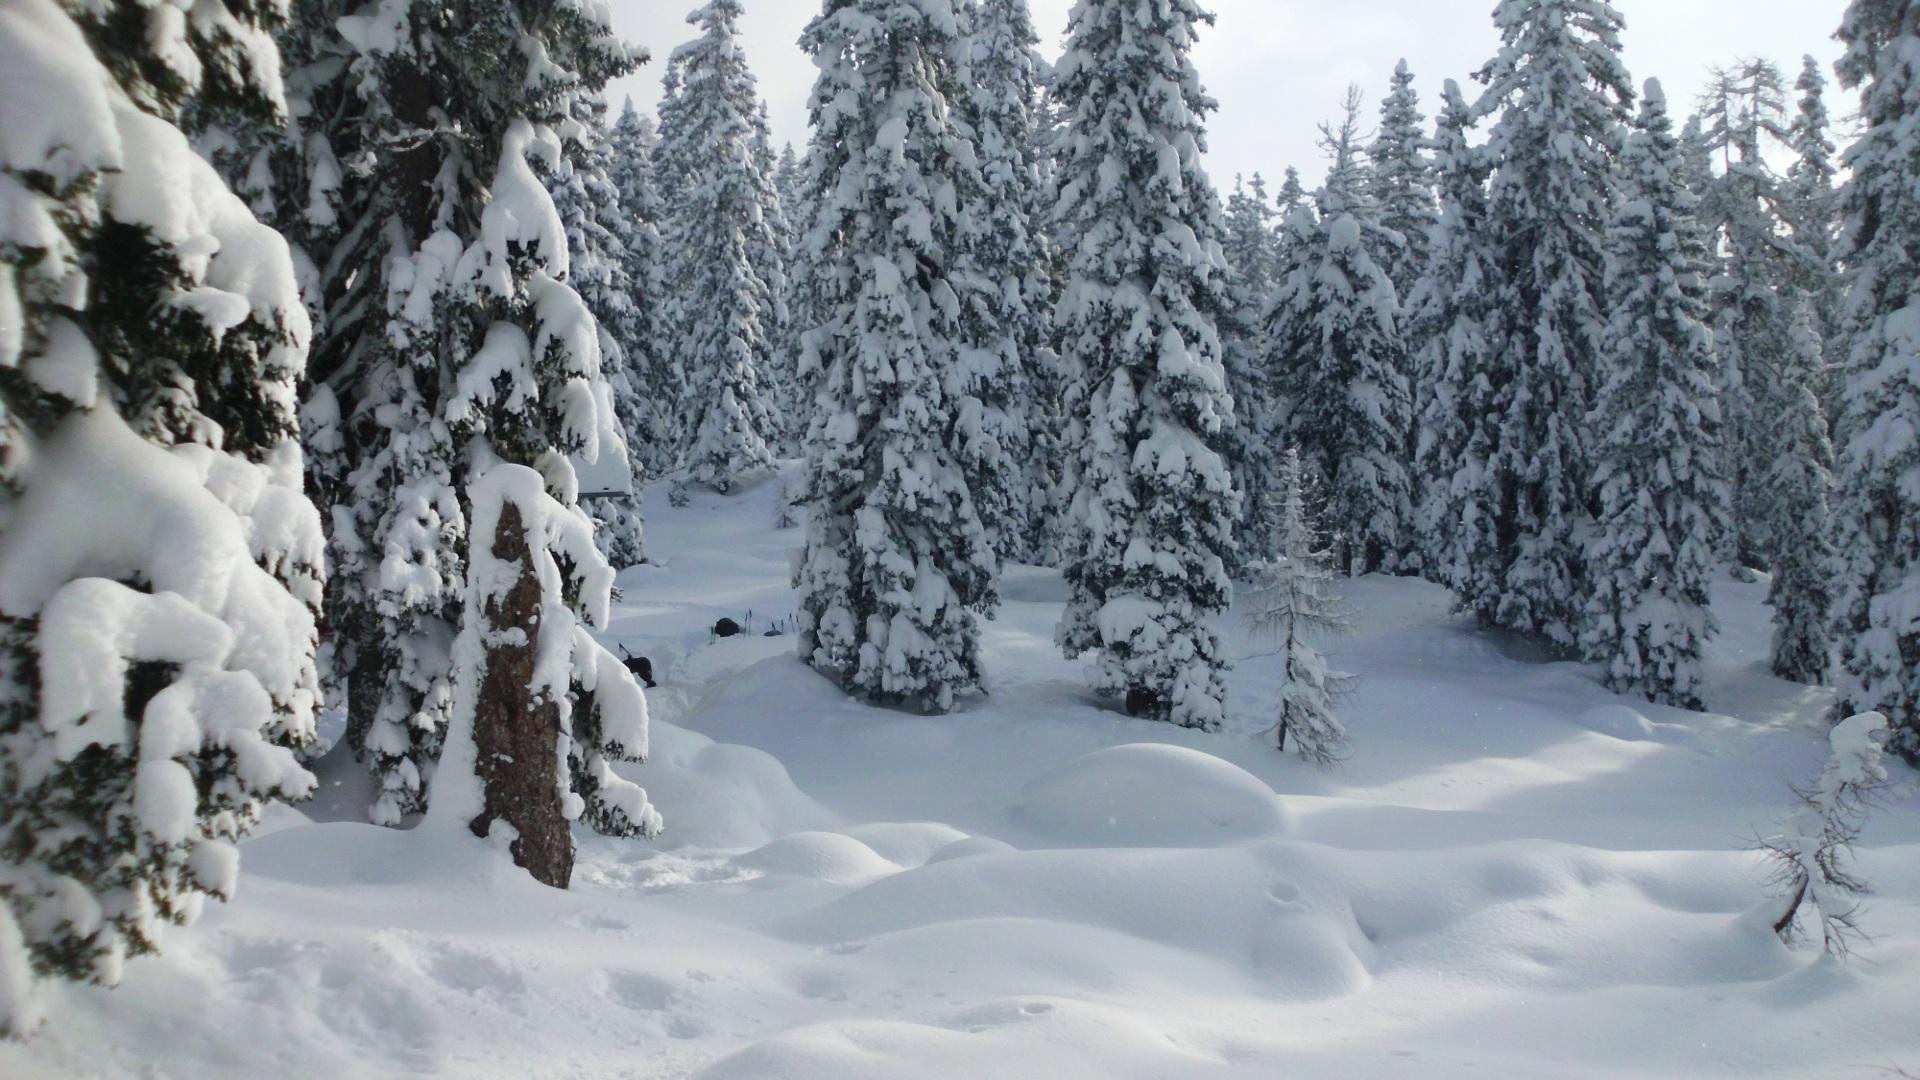 цена картинки зимний снежный коми лес стрижки